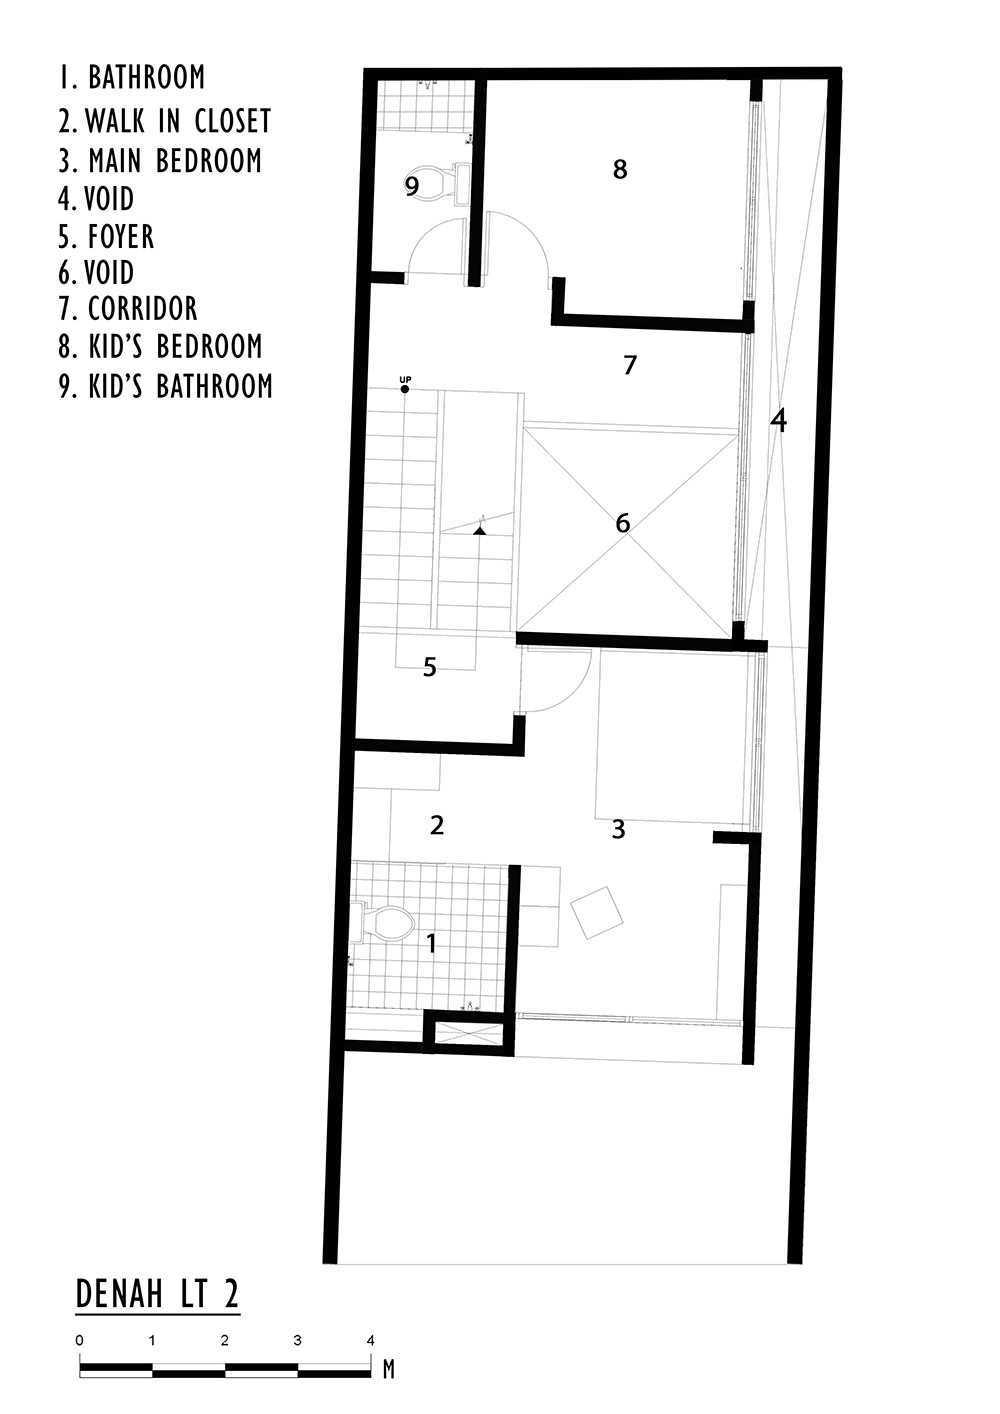 Delution Splow House Jl. Tebet Bar., Tebet Bar., Tebet, Kota Jakarta Selatan, Daerah Khusus Ibukota Jakarta 12810, Indonesia Jakarta, Indonesia 2Nd Floorplan Modern  12388